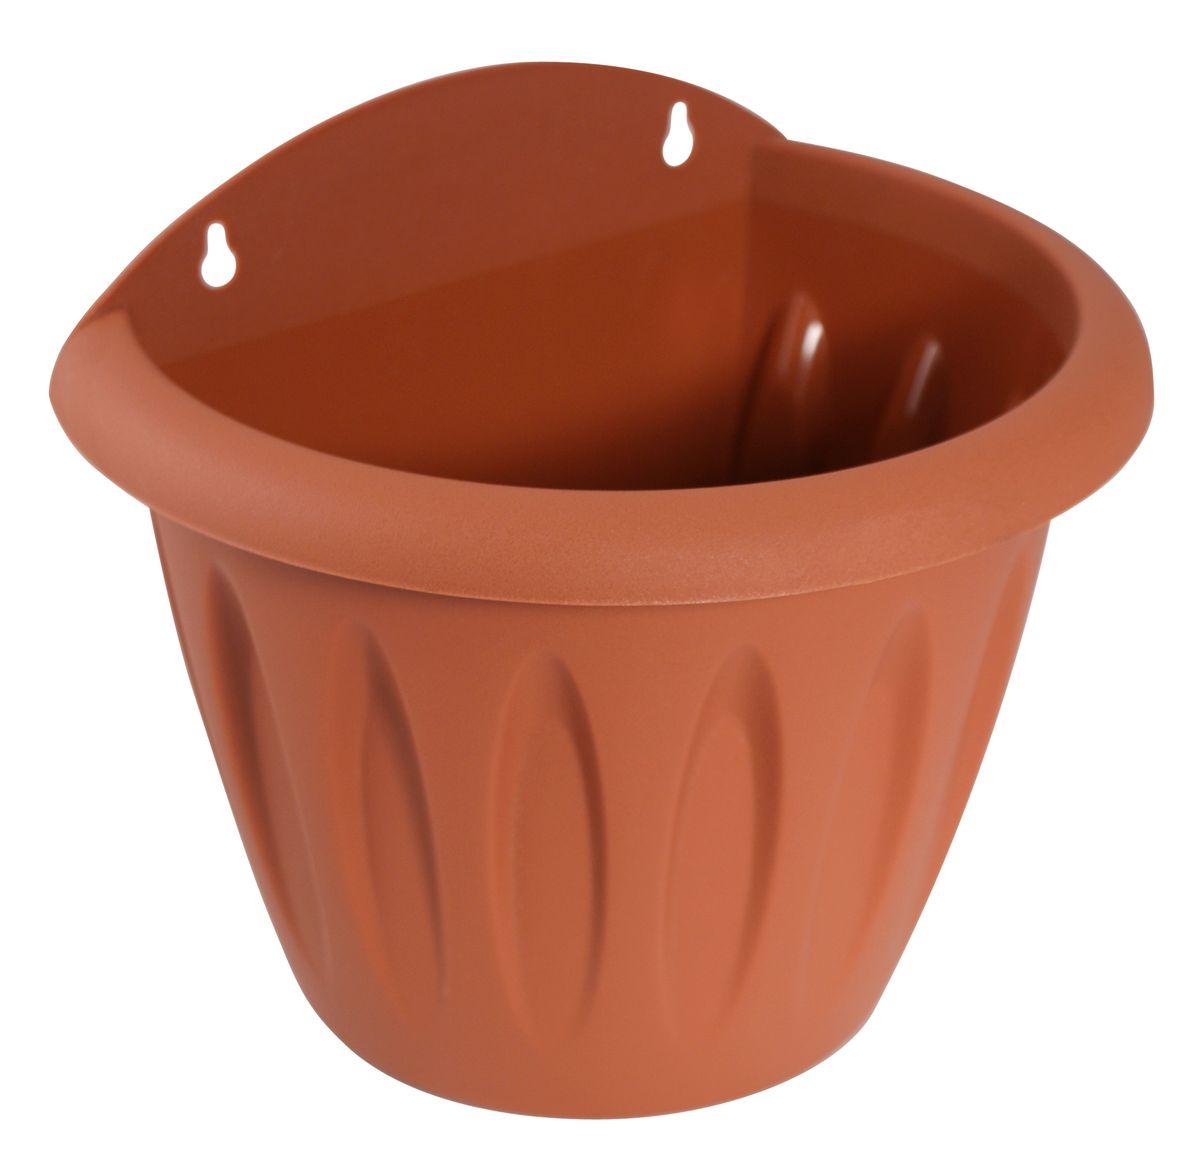 Кашпо настенное Martika Фелиция, цвет: терракотовый, 20 х 14,6 х 17,3 смZ-0307Любой, даже самый современный и продуманный интерьер будет не завершённым без растений. Они не только очищают воздух и насыщают его кислородом, но и заметно украшают окружающее пространство. Такому полезному &laquo члену семьи&raquoпросто необходимо красивое и функциональное кашпо, оригинальный горшок или необычная ваза! Мы предлагаем - Кашпо настенное d=20 см Фелиция, цвет терракот!Оптимальный выбор материала &mdash &nbsp пластмасса! Почему мы так считаем? Малый вес. С лёгкостью переносите горшки и кашпо с места на место, ставьте их на столики или полки, подвешивайте под потолок, не беспокоясь о нагрузке. Простота ухода. Пластиковые изделия не нуждаются в специальных условиях хранения. Их&nbsp легко чистить &mdashдостаточно просто сполоснуть тёплой водой. Никаких царапин. Пластиковые кашпо не царапают и не загрязняют поверхности, на которых стоят. Пластик дольше хранит влагу, а значит &mdashрастение реже нуждается в поливе. Пластмасса не пропускает воздух &mdashкорневой системе растения не грозят резкие перепады температур. Огромный выбор форм, декора и расцветок &mdashвы без труда подберёте что-то, что идеально впишется в уже существующий интерьер.Соблюдая нехитрые правила ухода, вы можете заметно продлить срок службы горшков, вазонов и кашпо из пластика: всегда учитывайте размер кроны и корневой системы растения (при разрастании большое растение способно повредить маленький горшок)берегите изделие от воздействия прямых солнечных лучей, чтобы кашпо и горшки не выцветалидержите кашпо и горшки из пластика подальше от нагревающихся поверхностей.Создавайте прекрасные цветочные композиции, выращивайте рассаду или необычные растения, а низкие цены позволят вам не ограничивать себя в выборе.